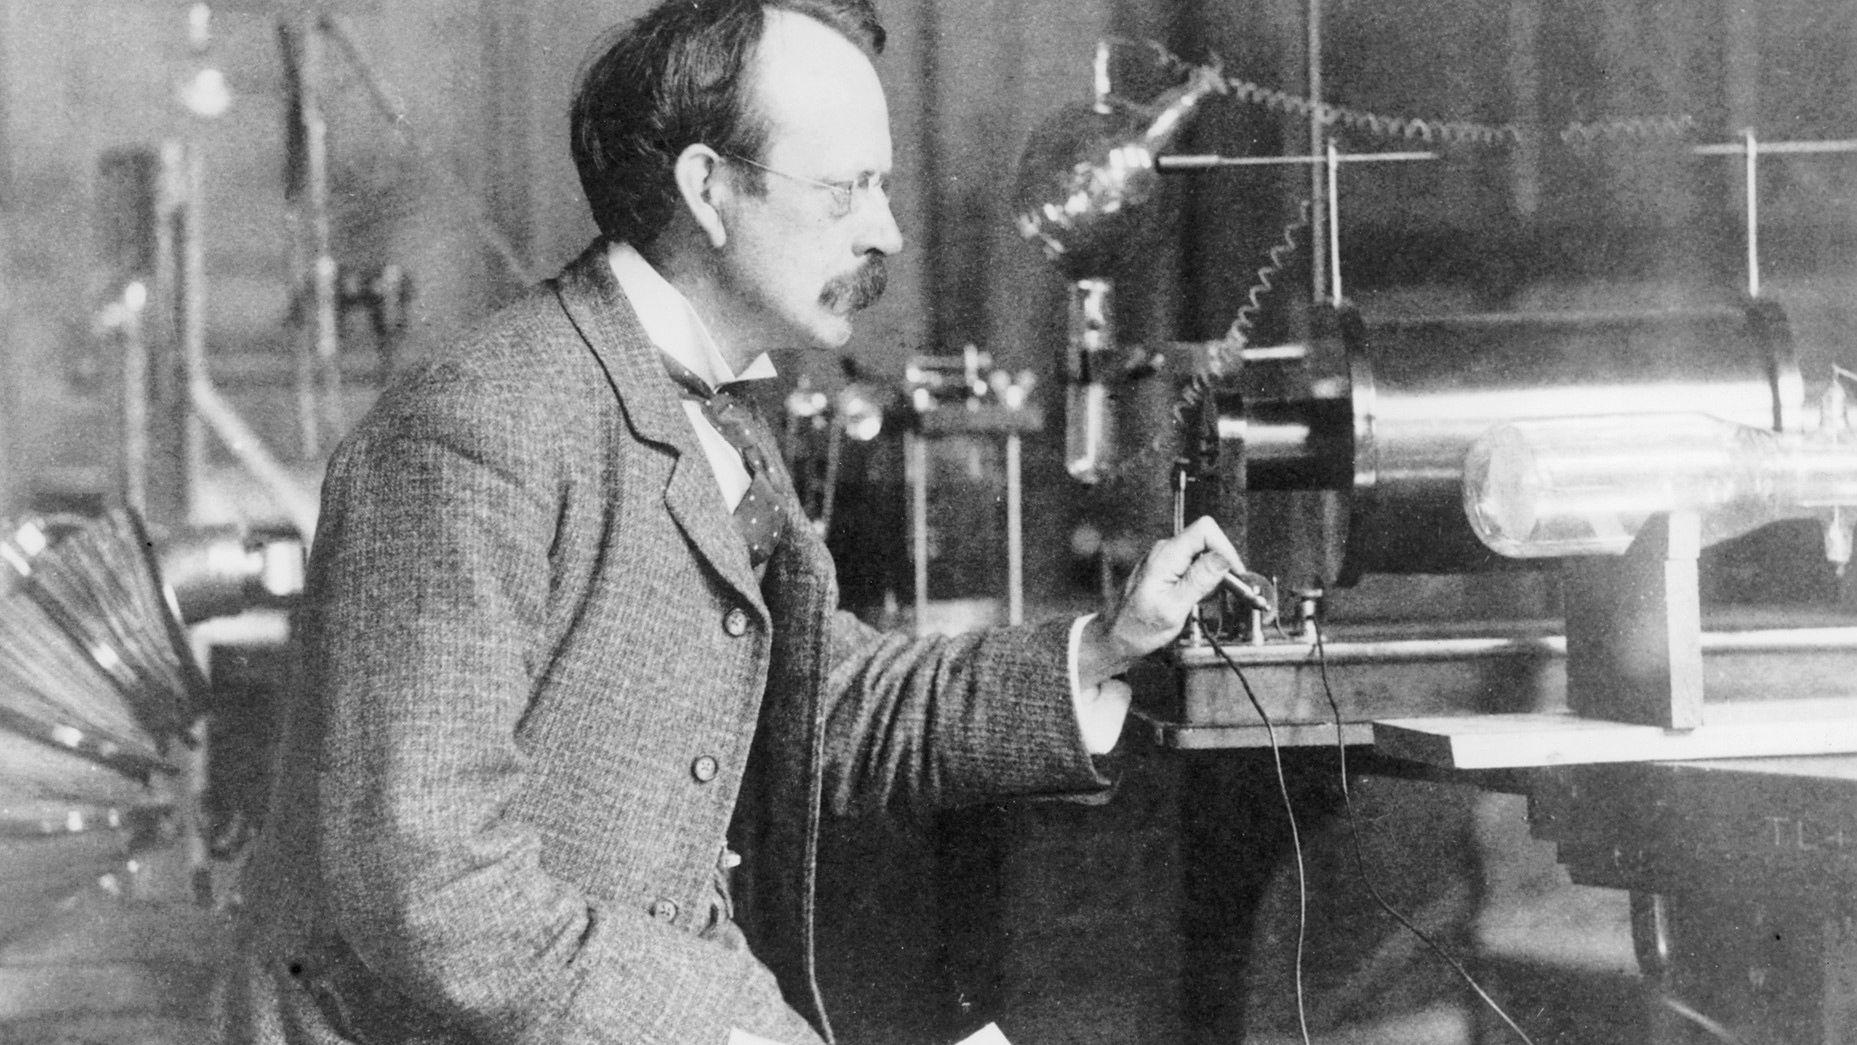 人类对电力的研究历史,以及电场到底是什么?